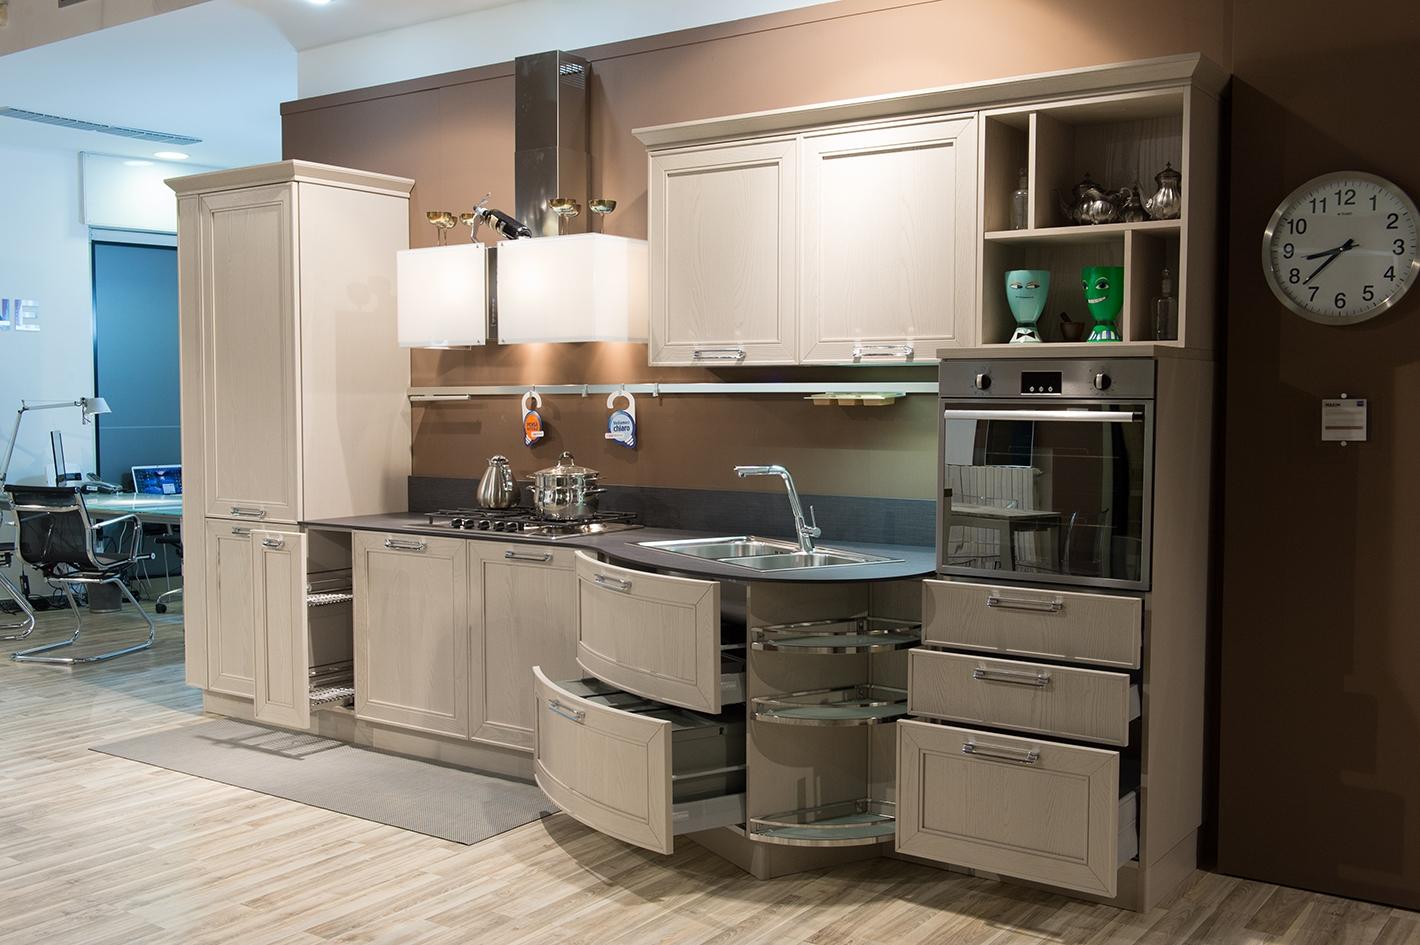 Cucine Scontate Esposizione. Good Outlet Cucine Cucina In Offerta ...